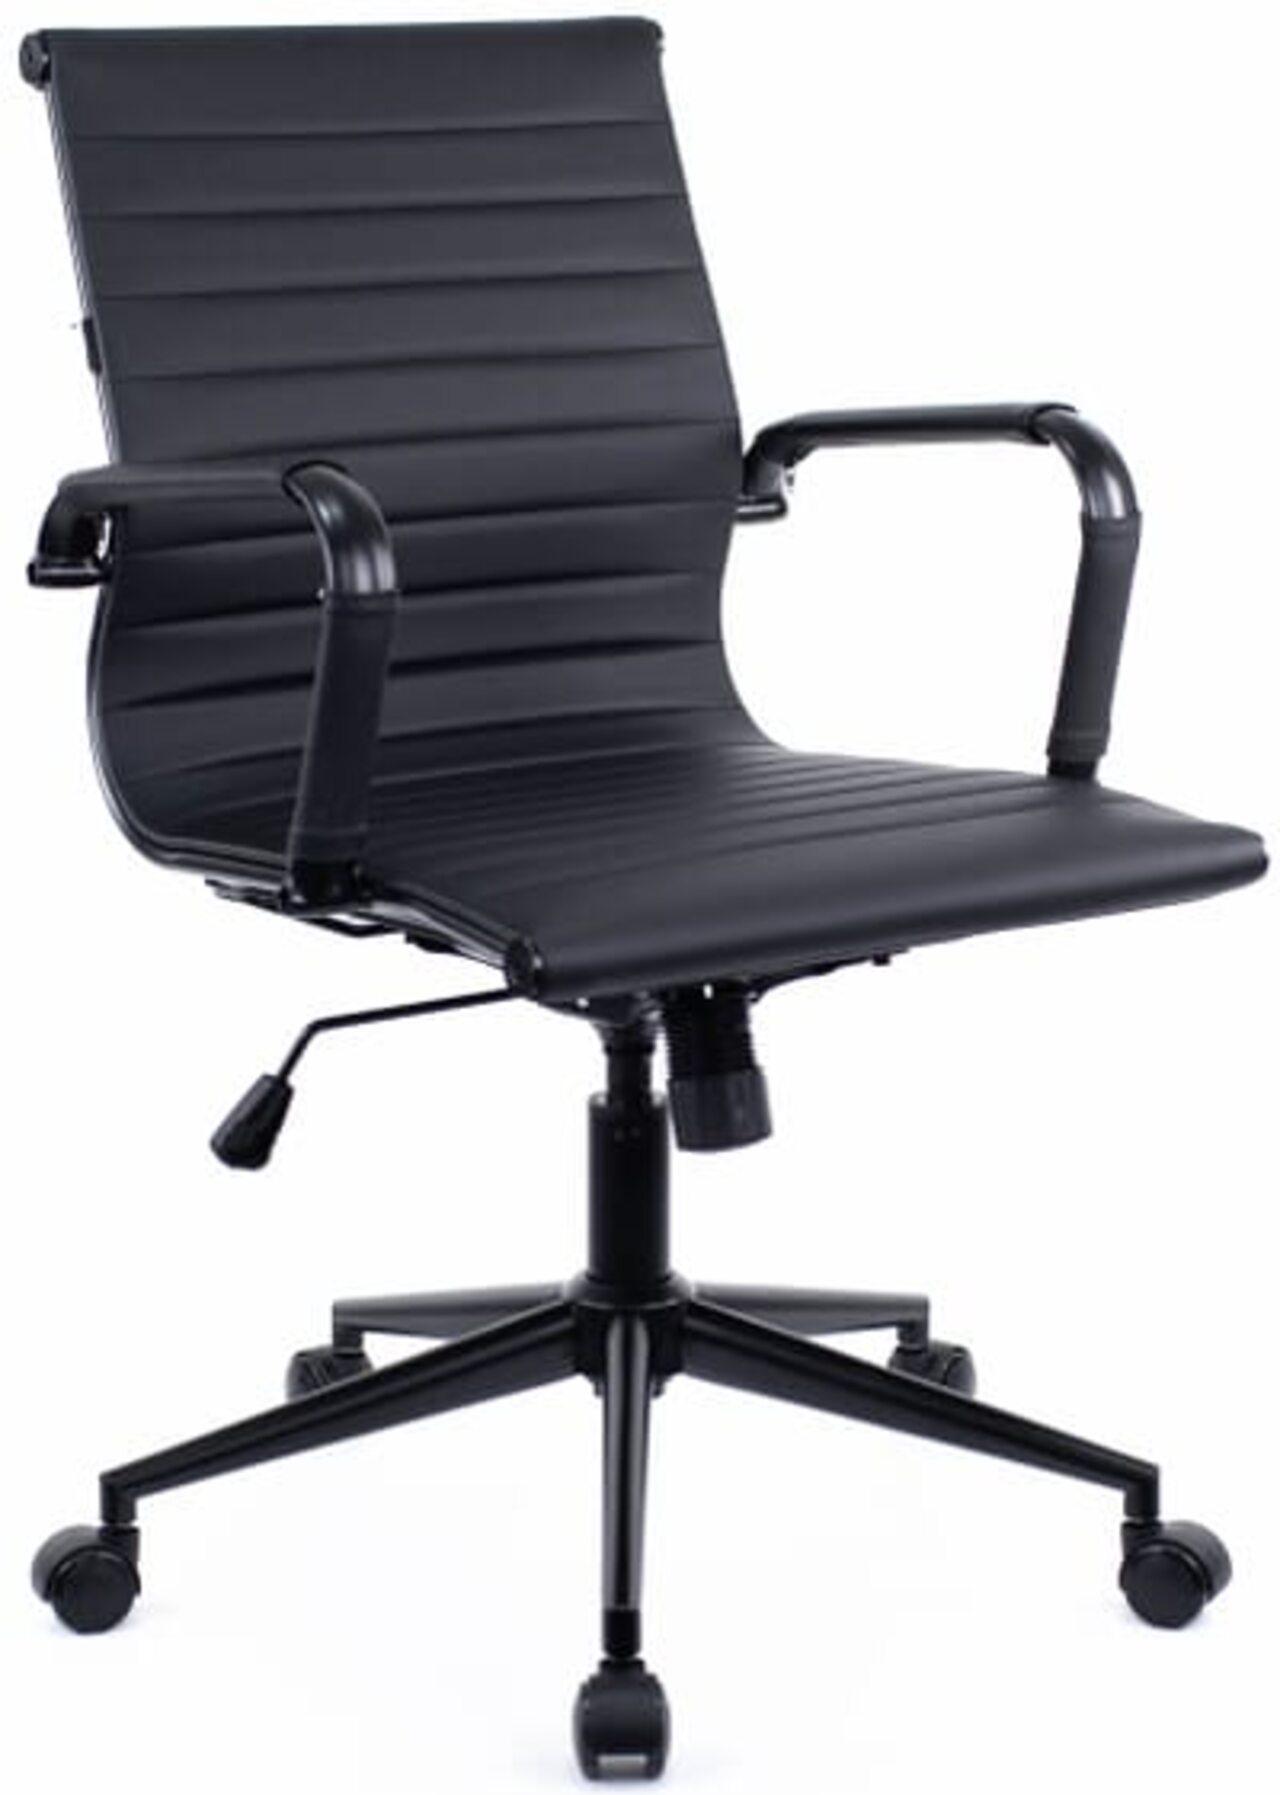 Кресло для персонала Leo Black T экокожа - фото 1